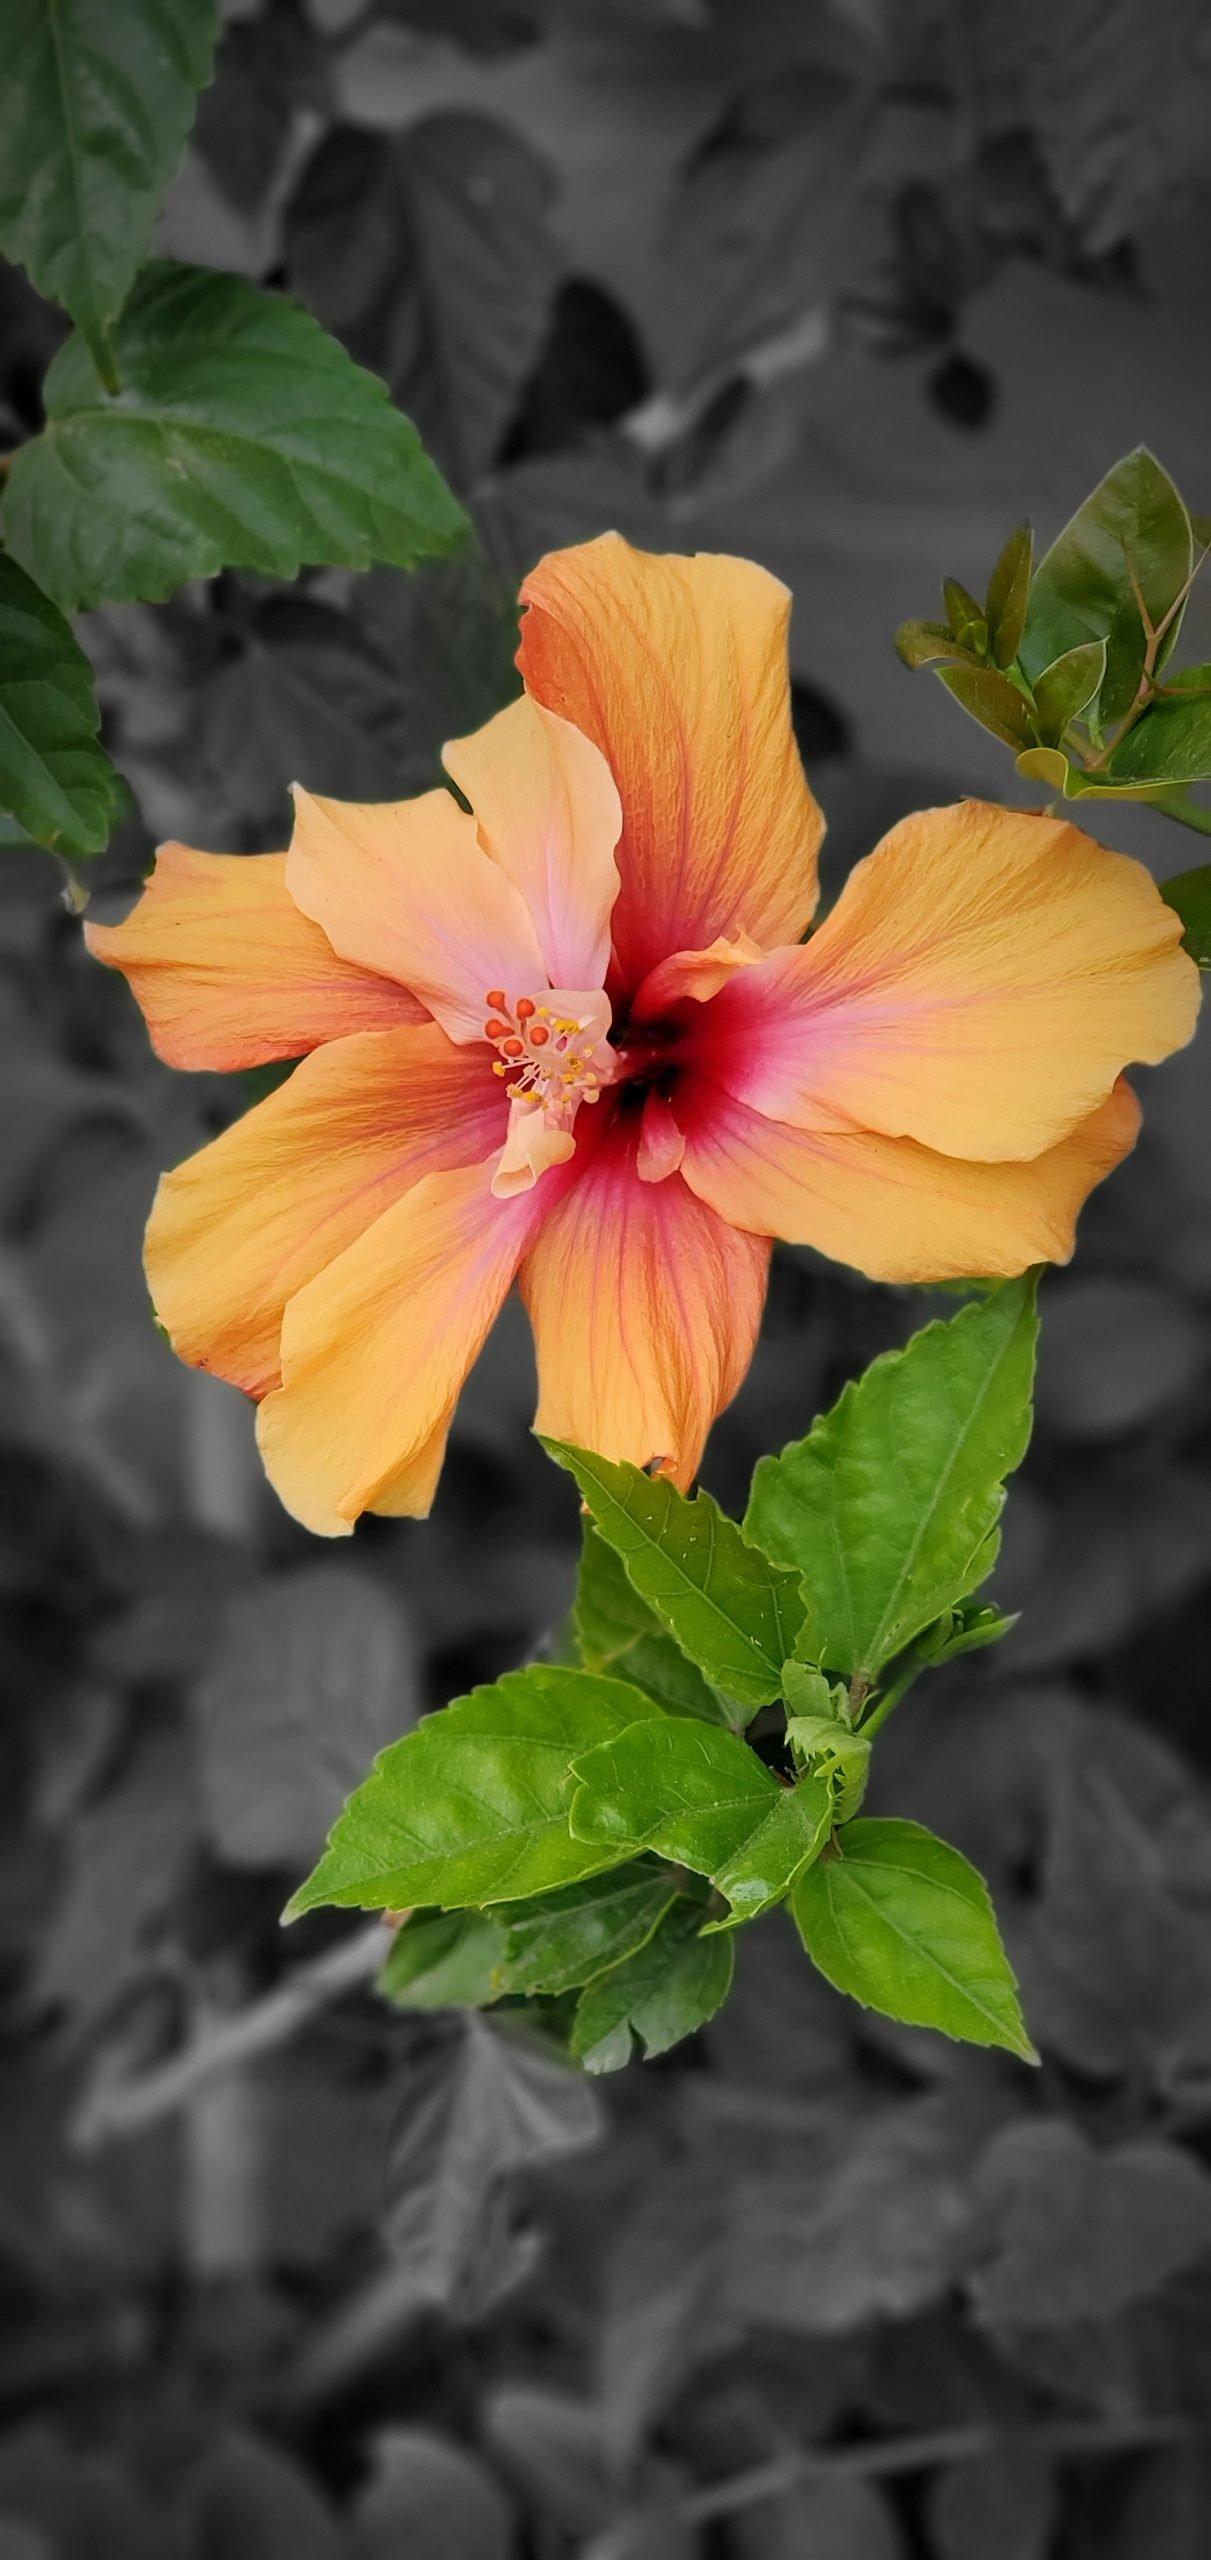 Flowers5 at Simola